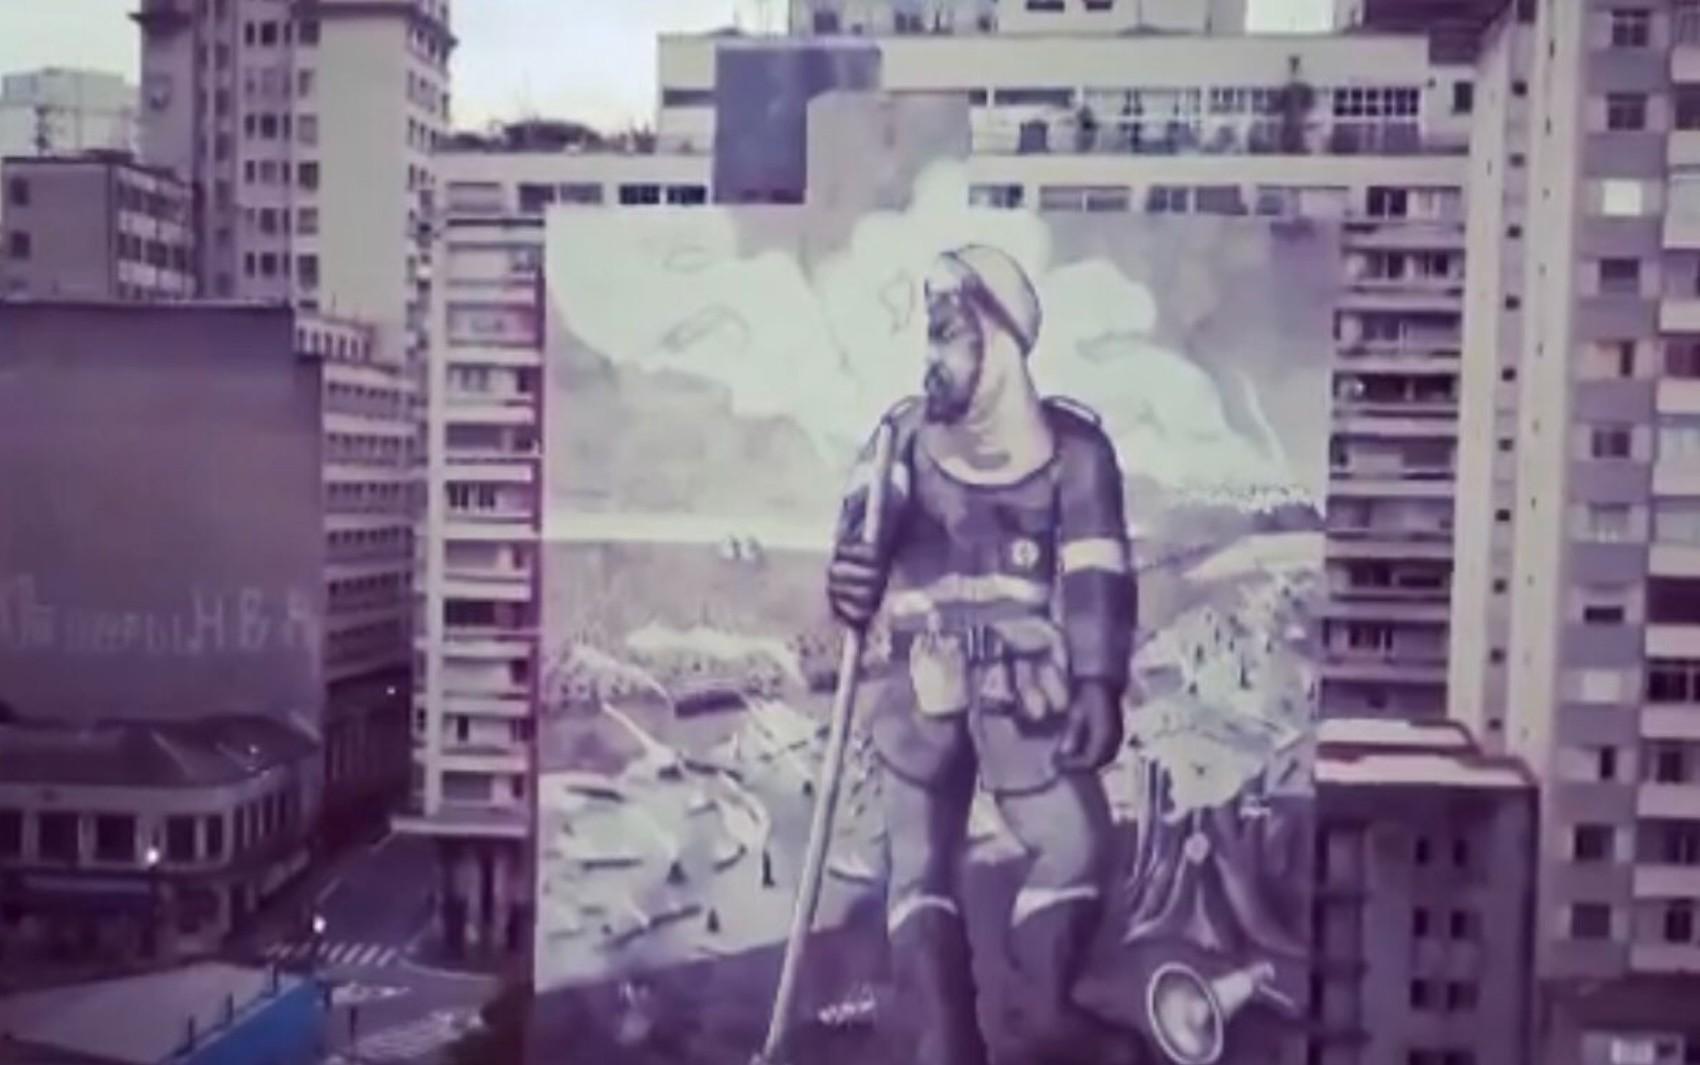 Cinzas do incêndio que destruiu parte da Chapada dos Veadeiros são usadas em pintura gigante no Centro de SP